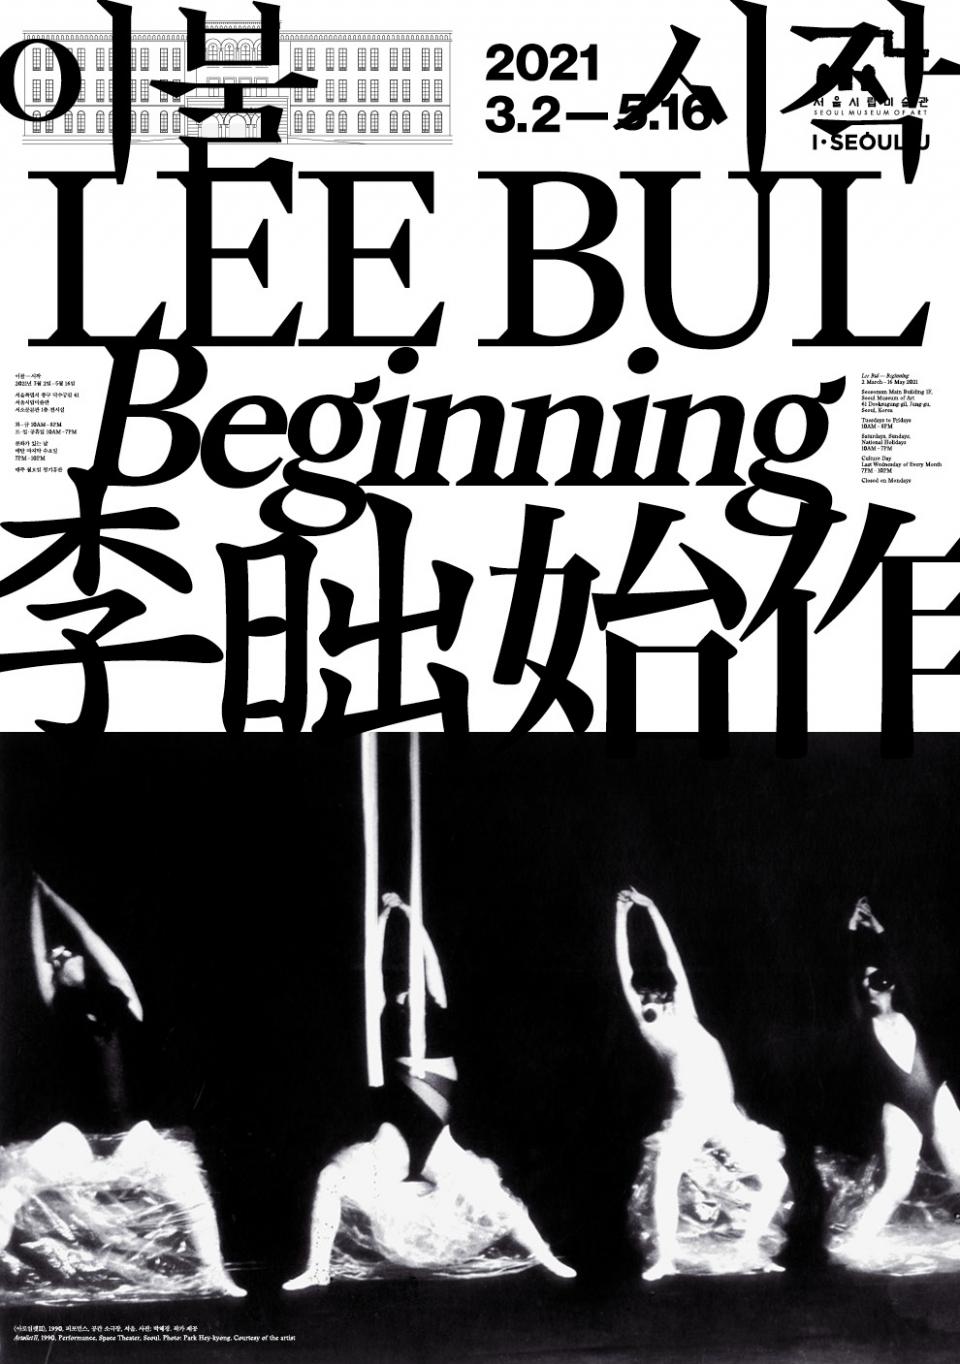 이불 작가의 초기 작품을 위주로 한 '이불-시작' 전시 포스터 ⓒ서울시립미술관